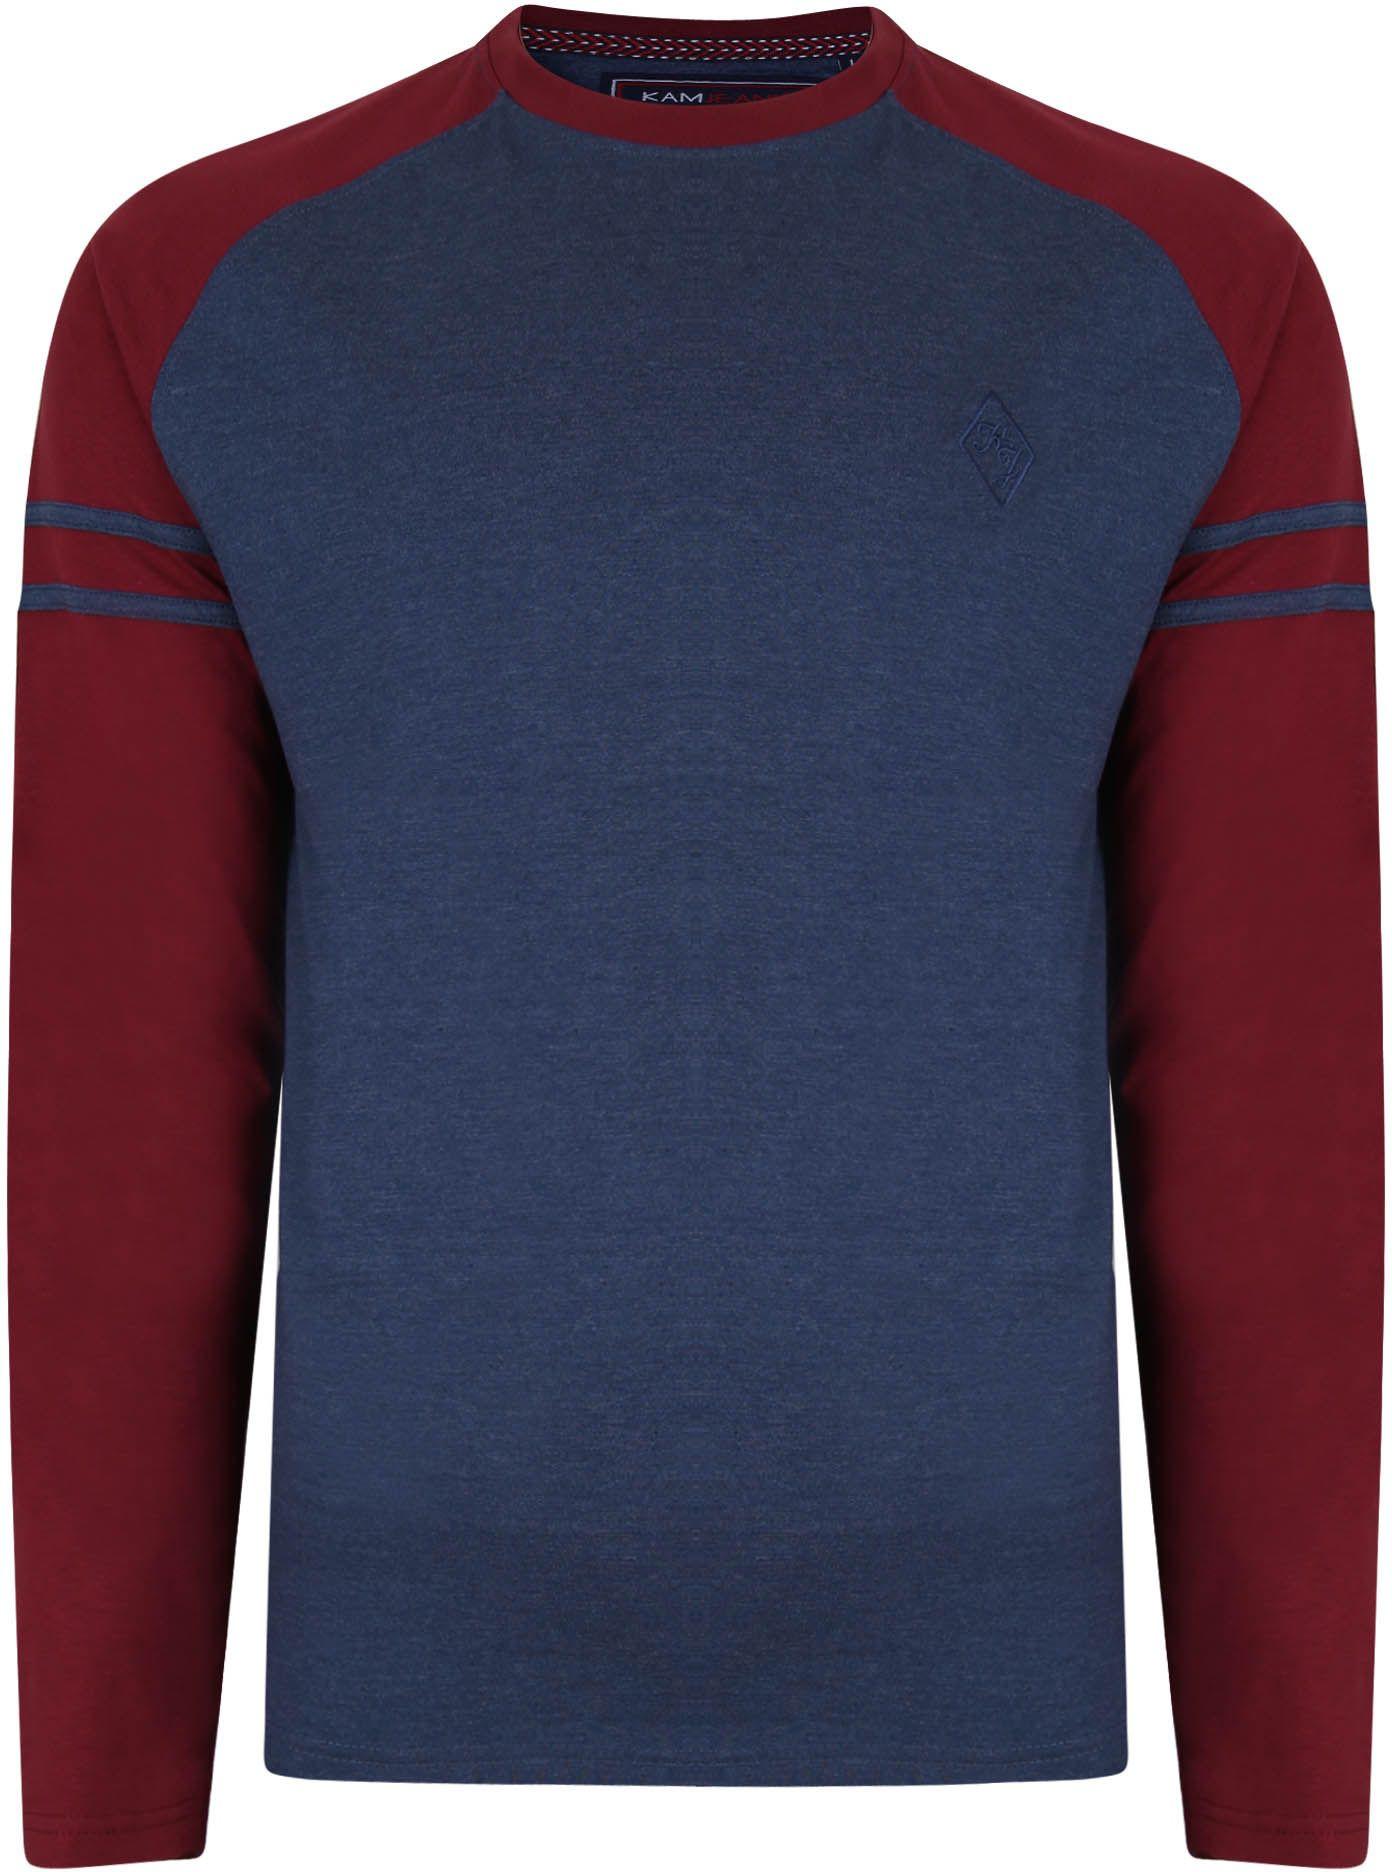 Tshirt Manches Longues Bleu Marine Kam du 2XL au 8XL